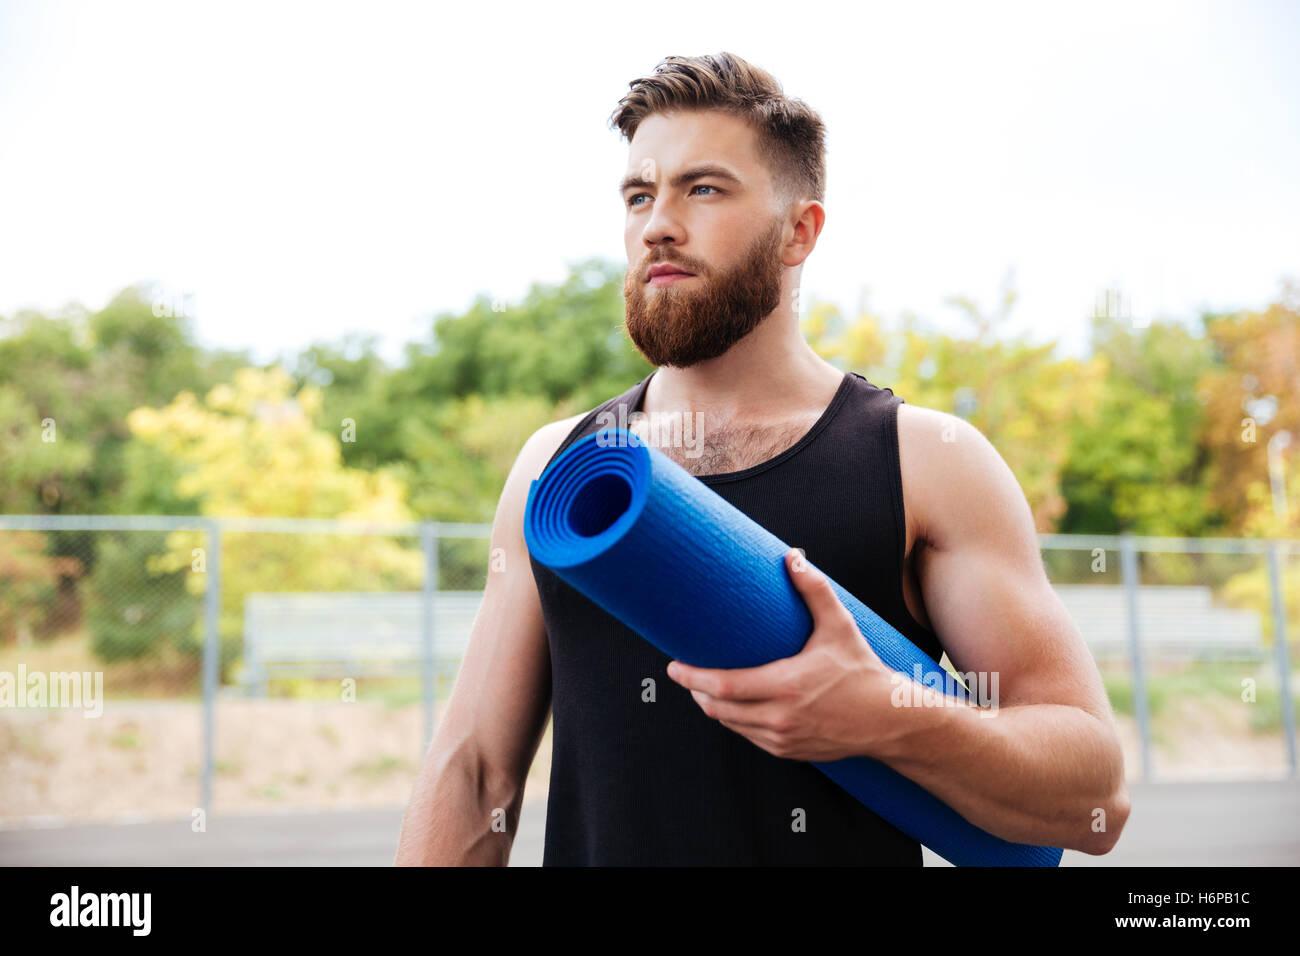 Concentrato maschio serio istruttore yoga tappetino di trattenimento permanente, mentre all'aperto Immagini Stock